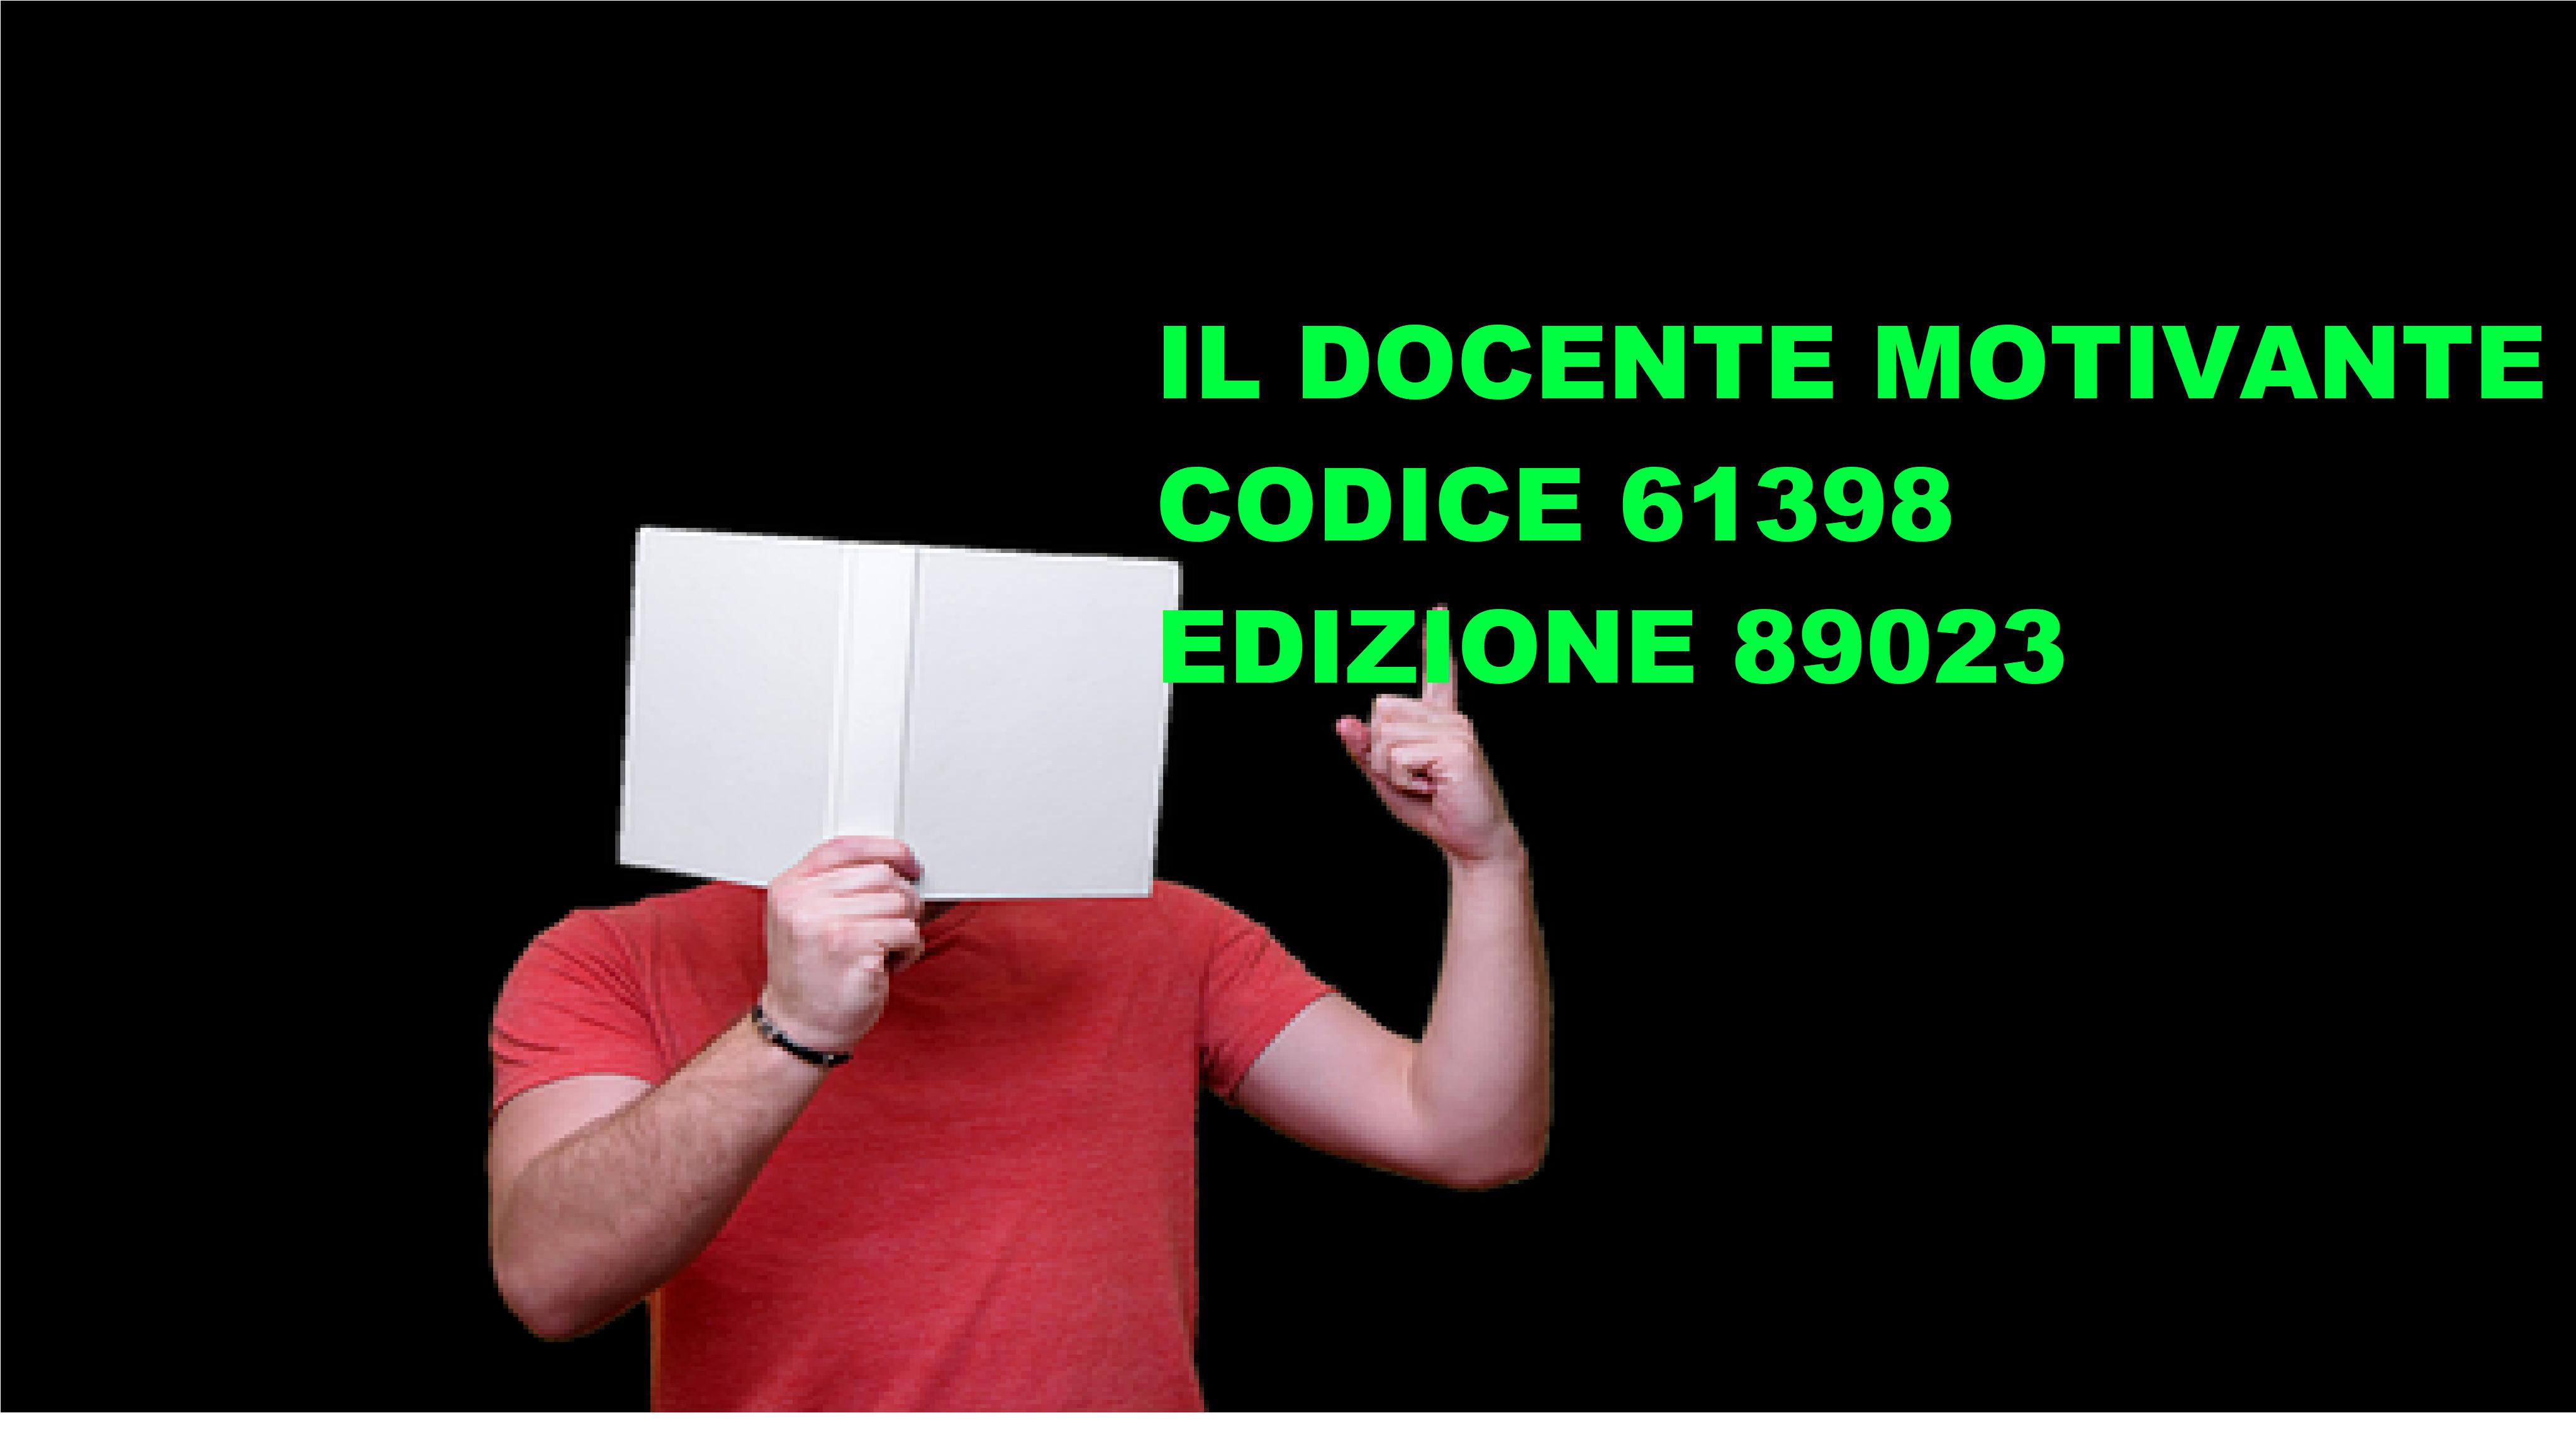 89023 IL DOCENTE MOTIVANTE